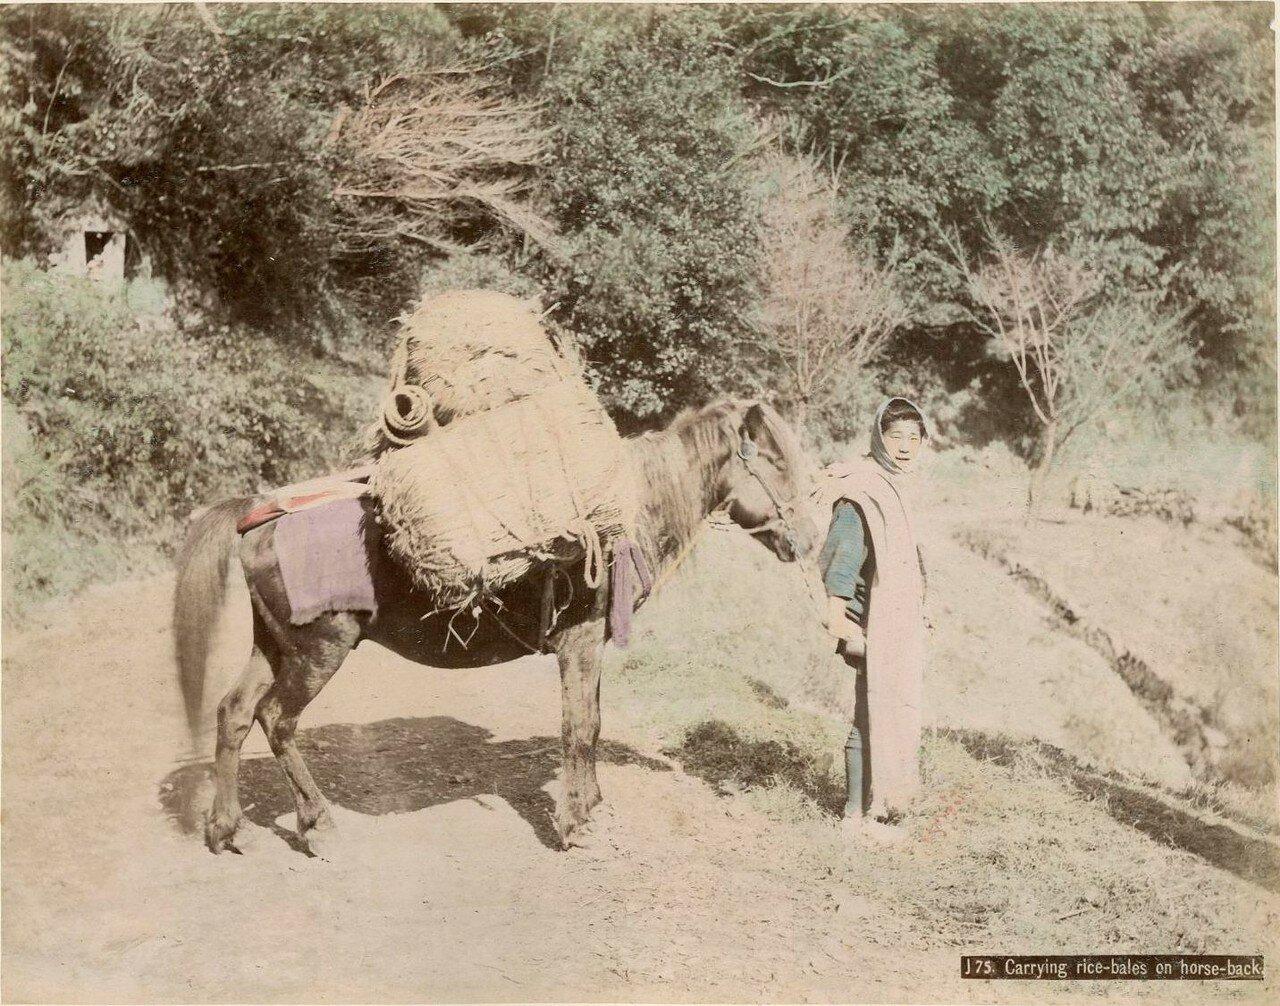 Груженный тюками с рисом мул